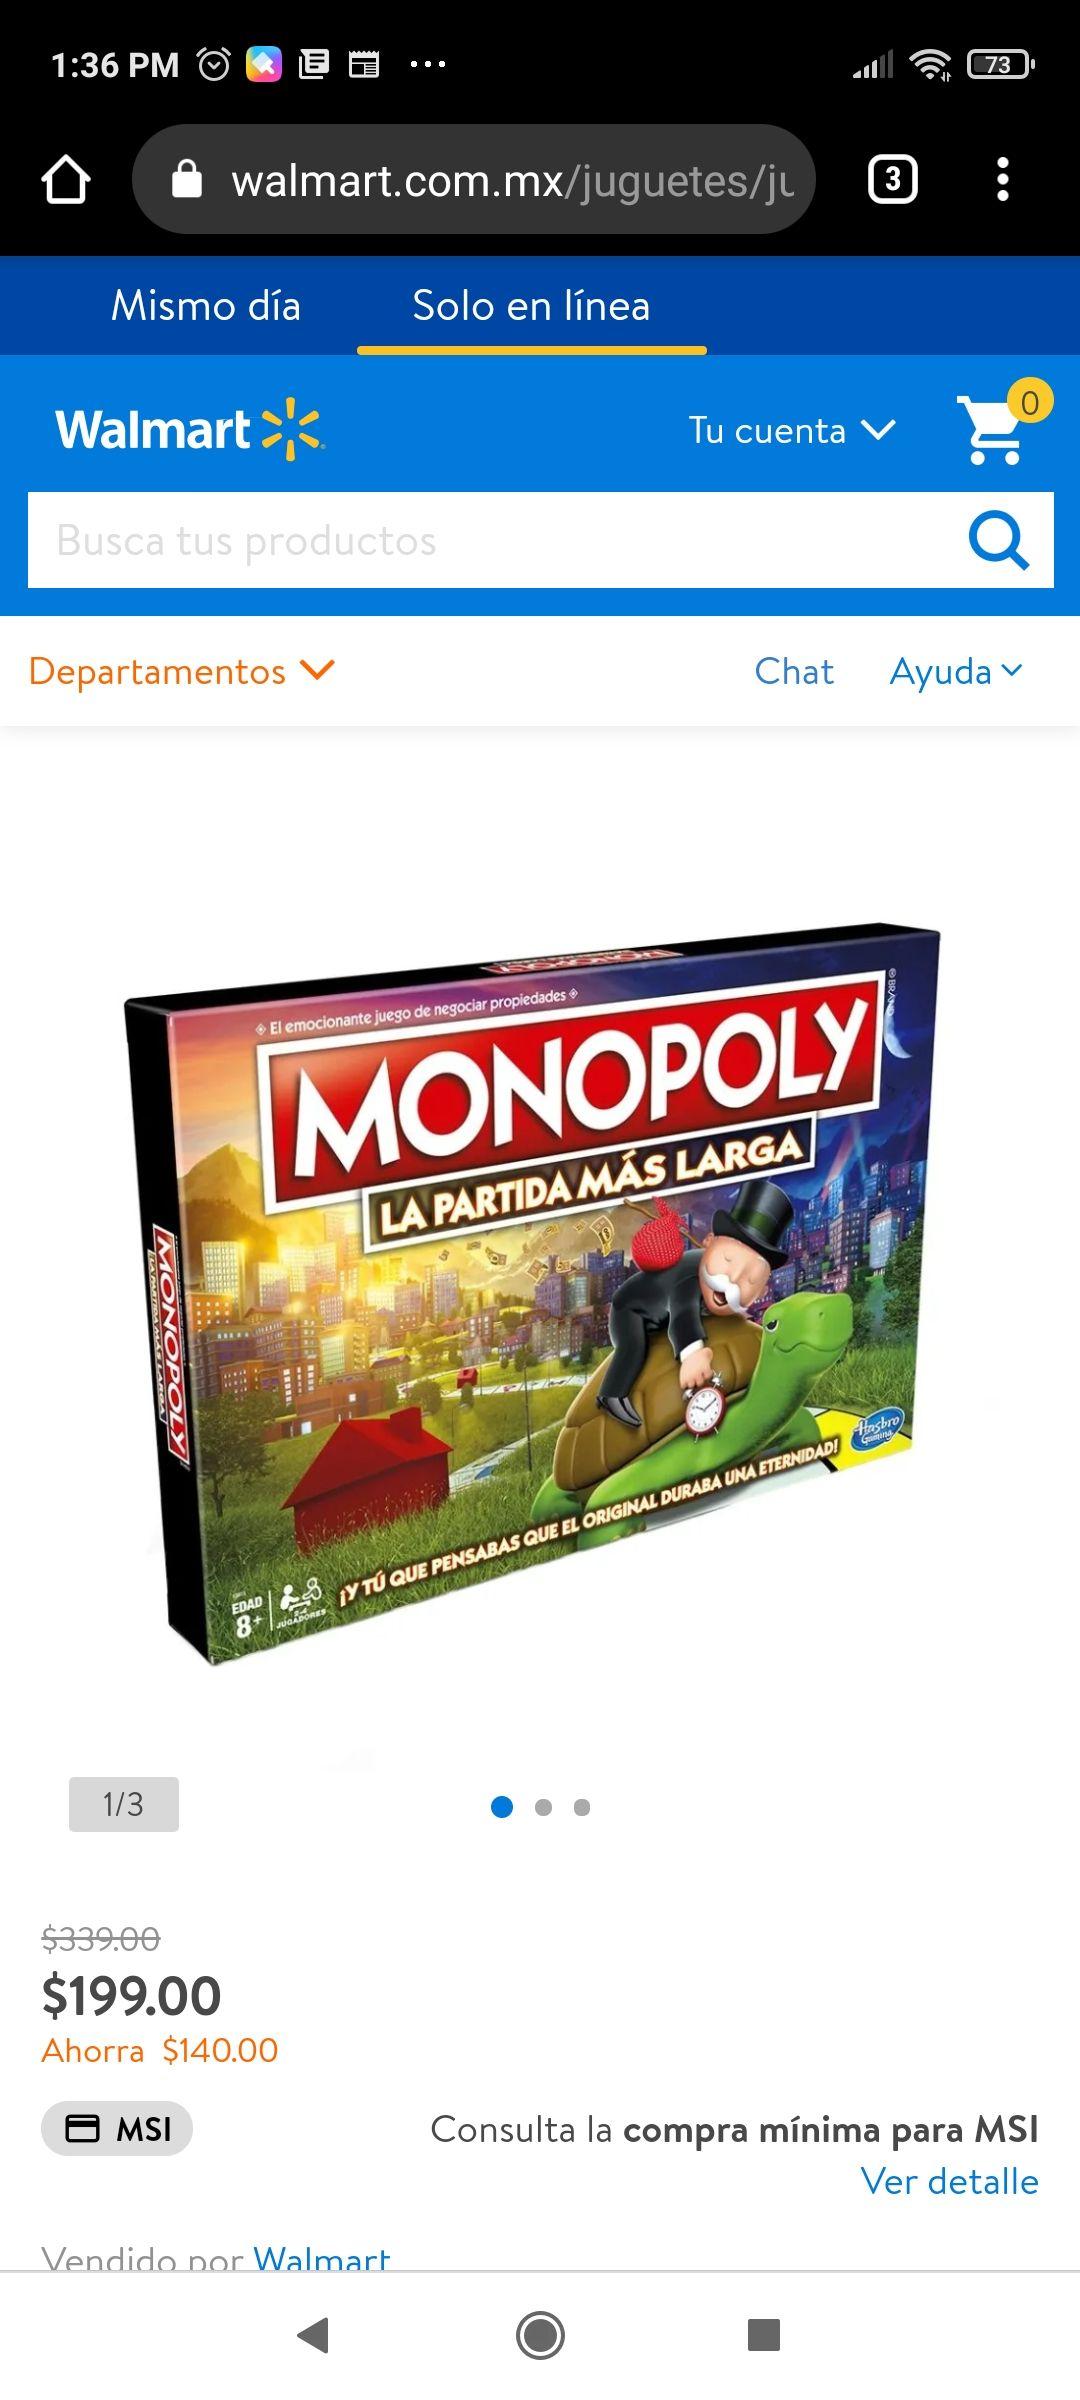 Walmart: Monopoly la partida más larga